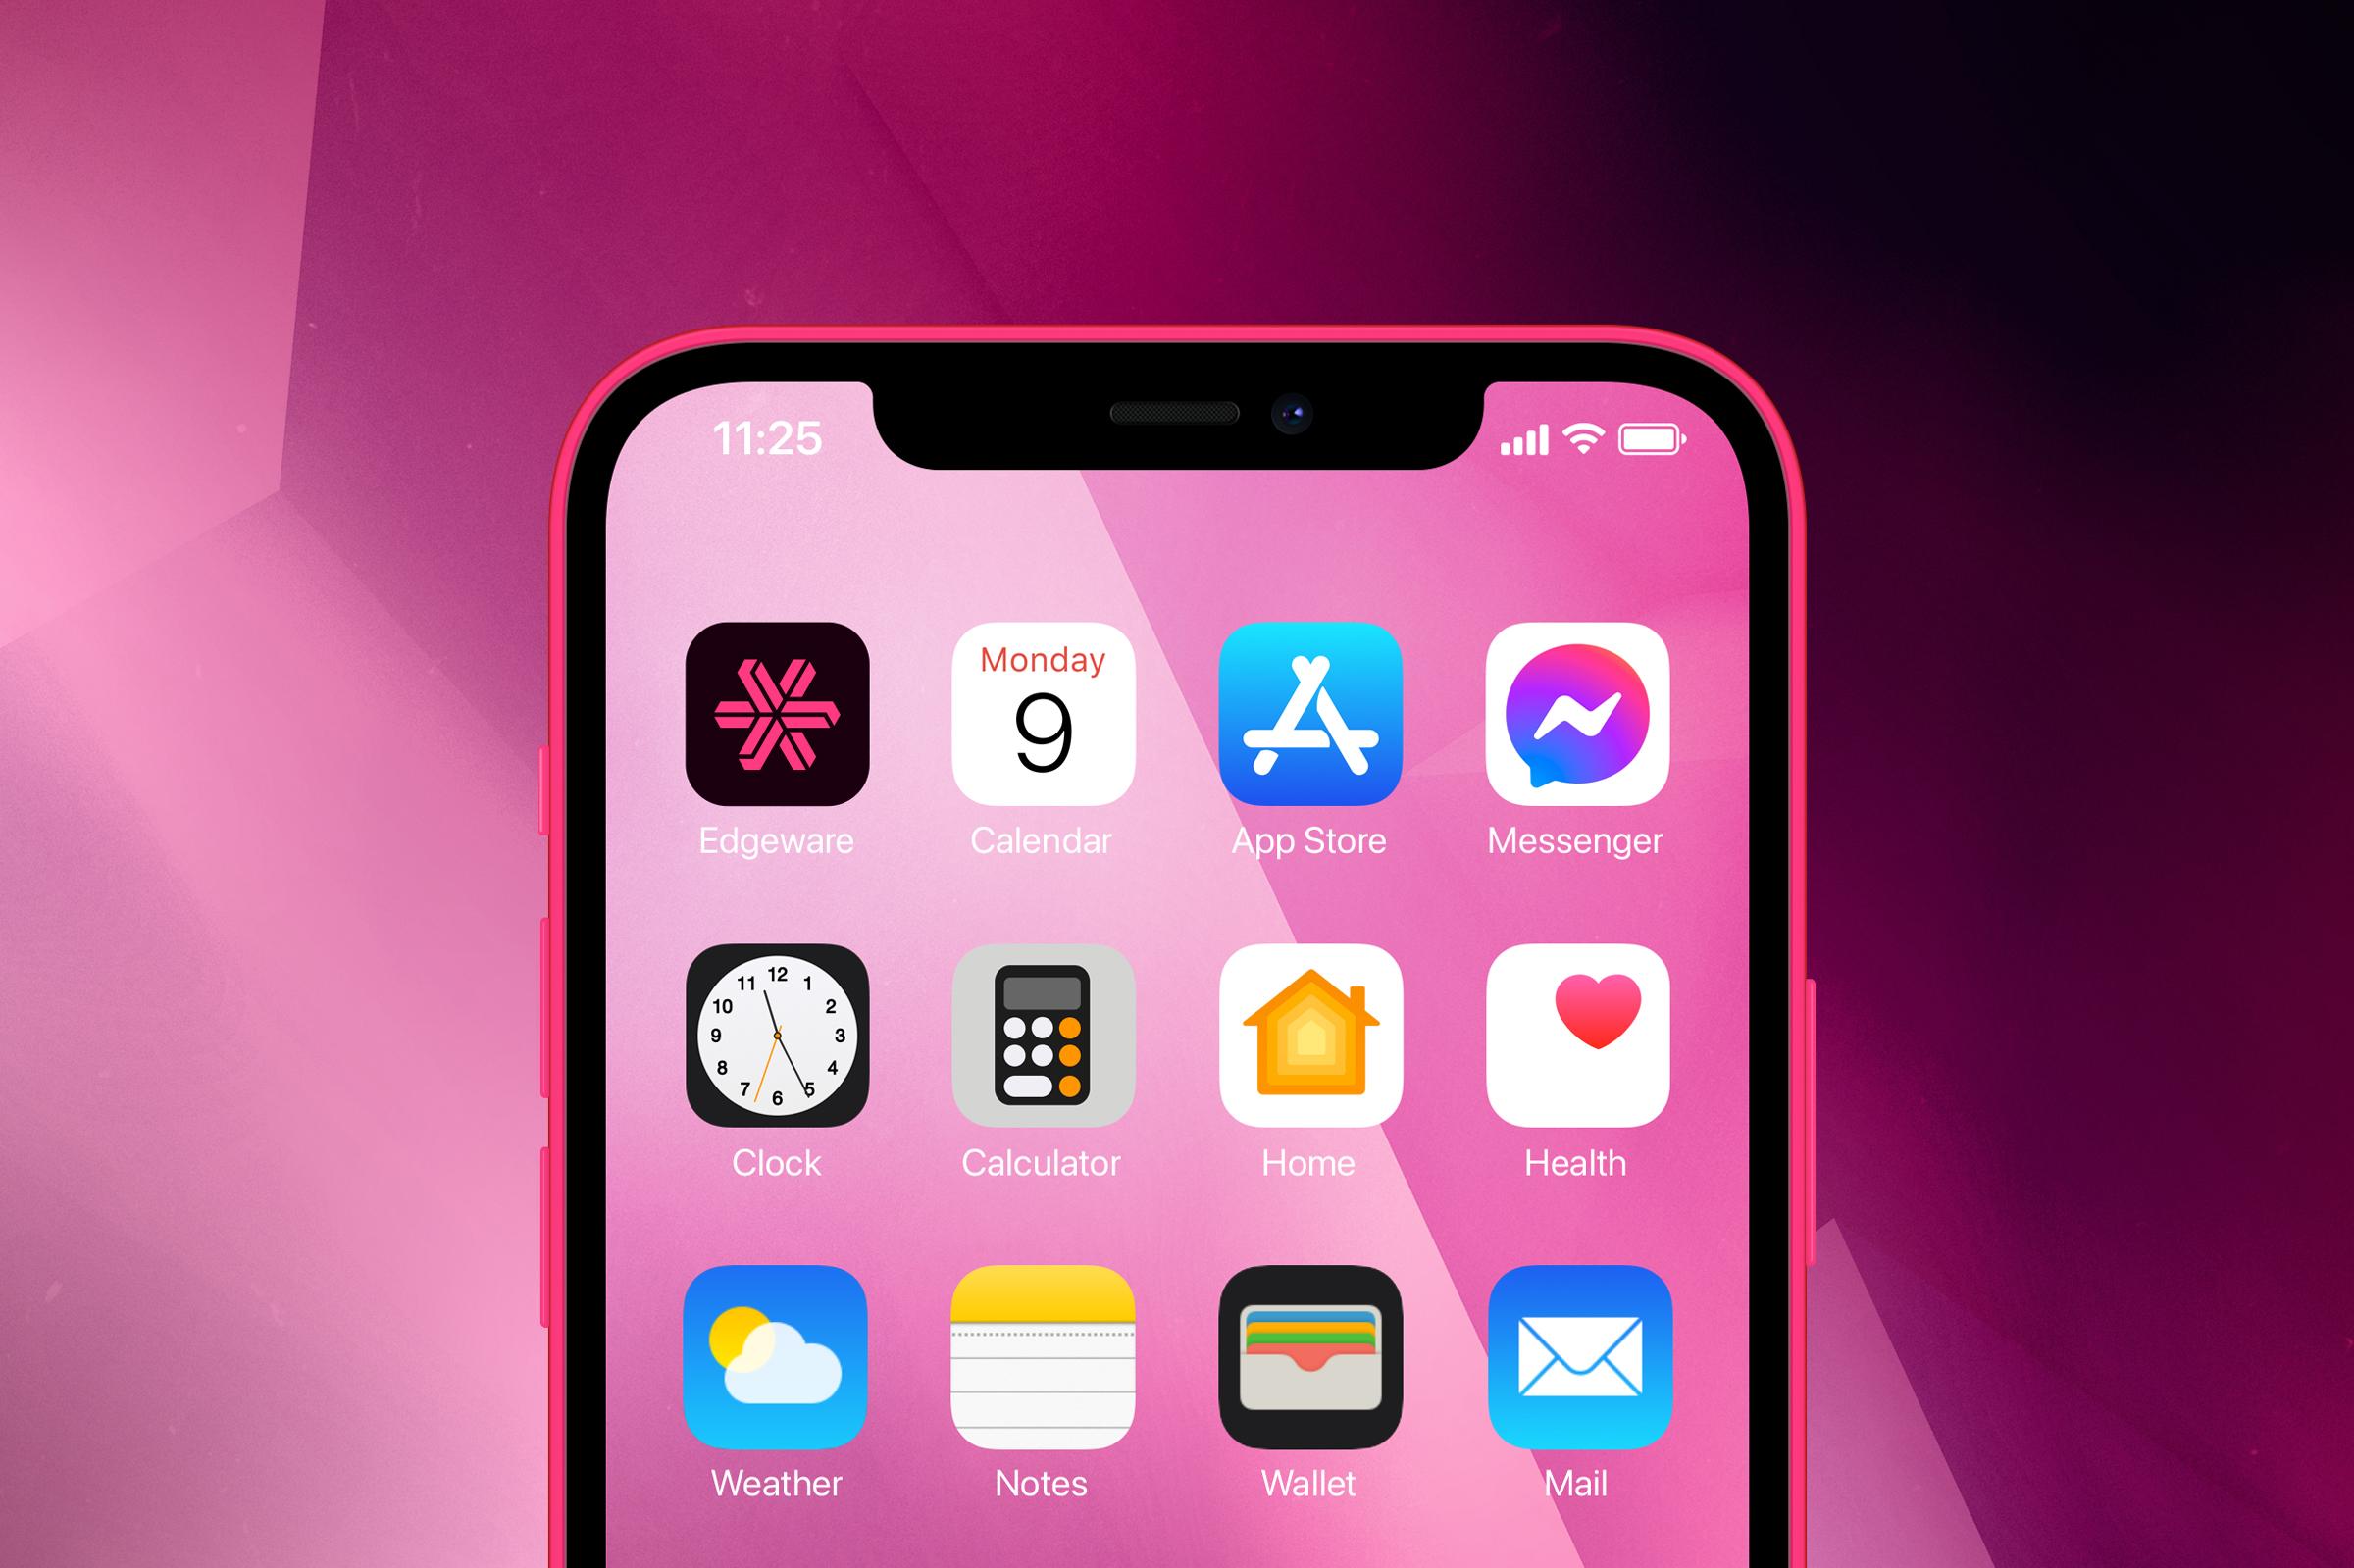 Edgeware iPhone iOS app screen visual